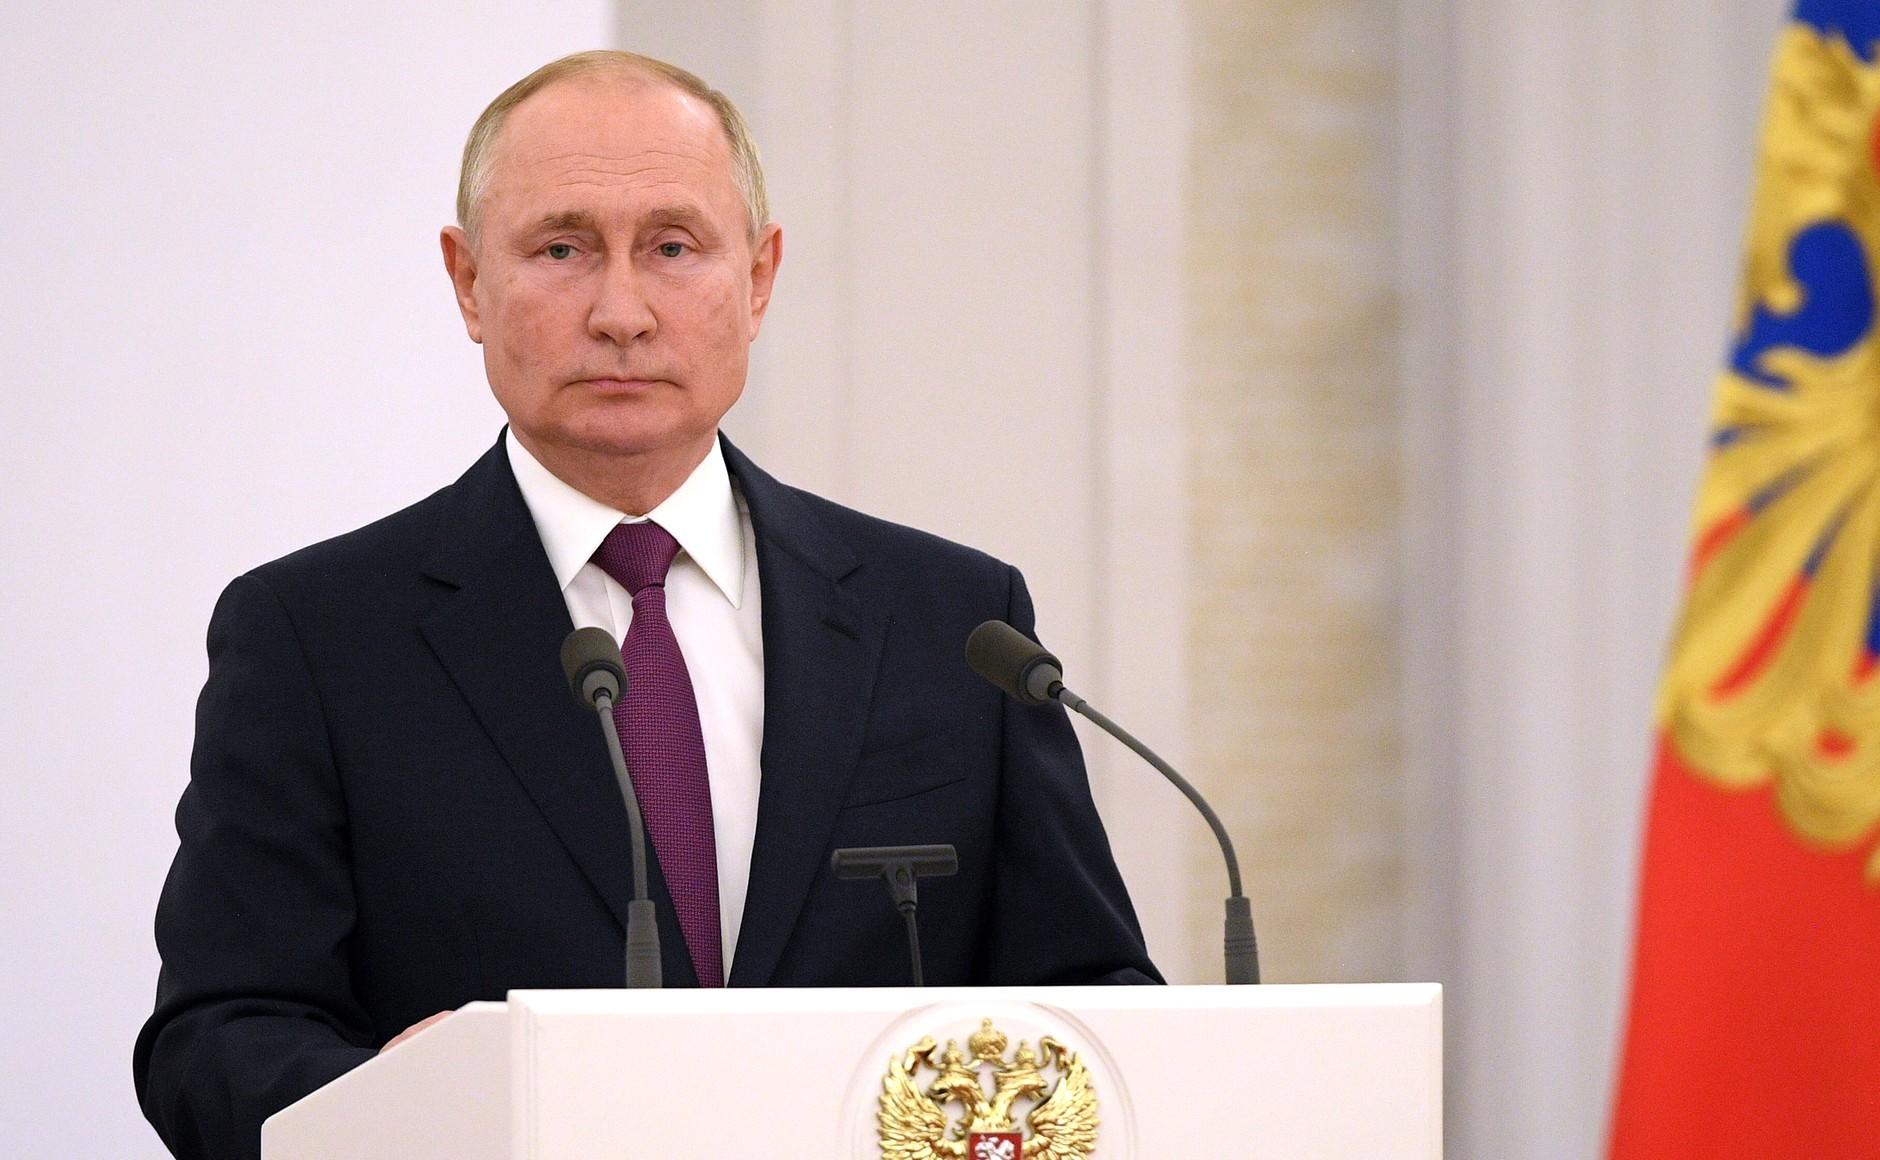 Путин заявил, что создание AUKUS подрывает региональную стабильность